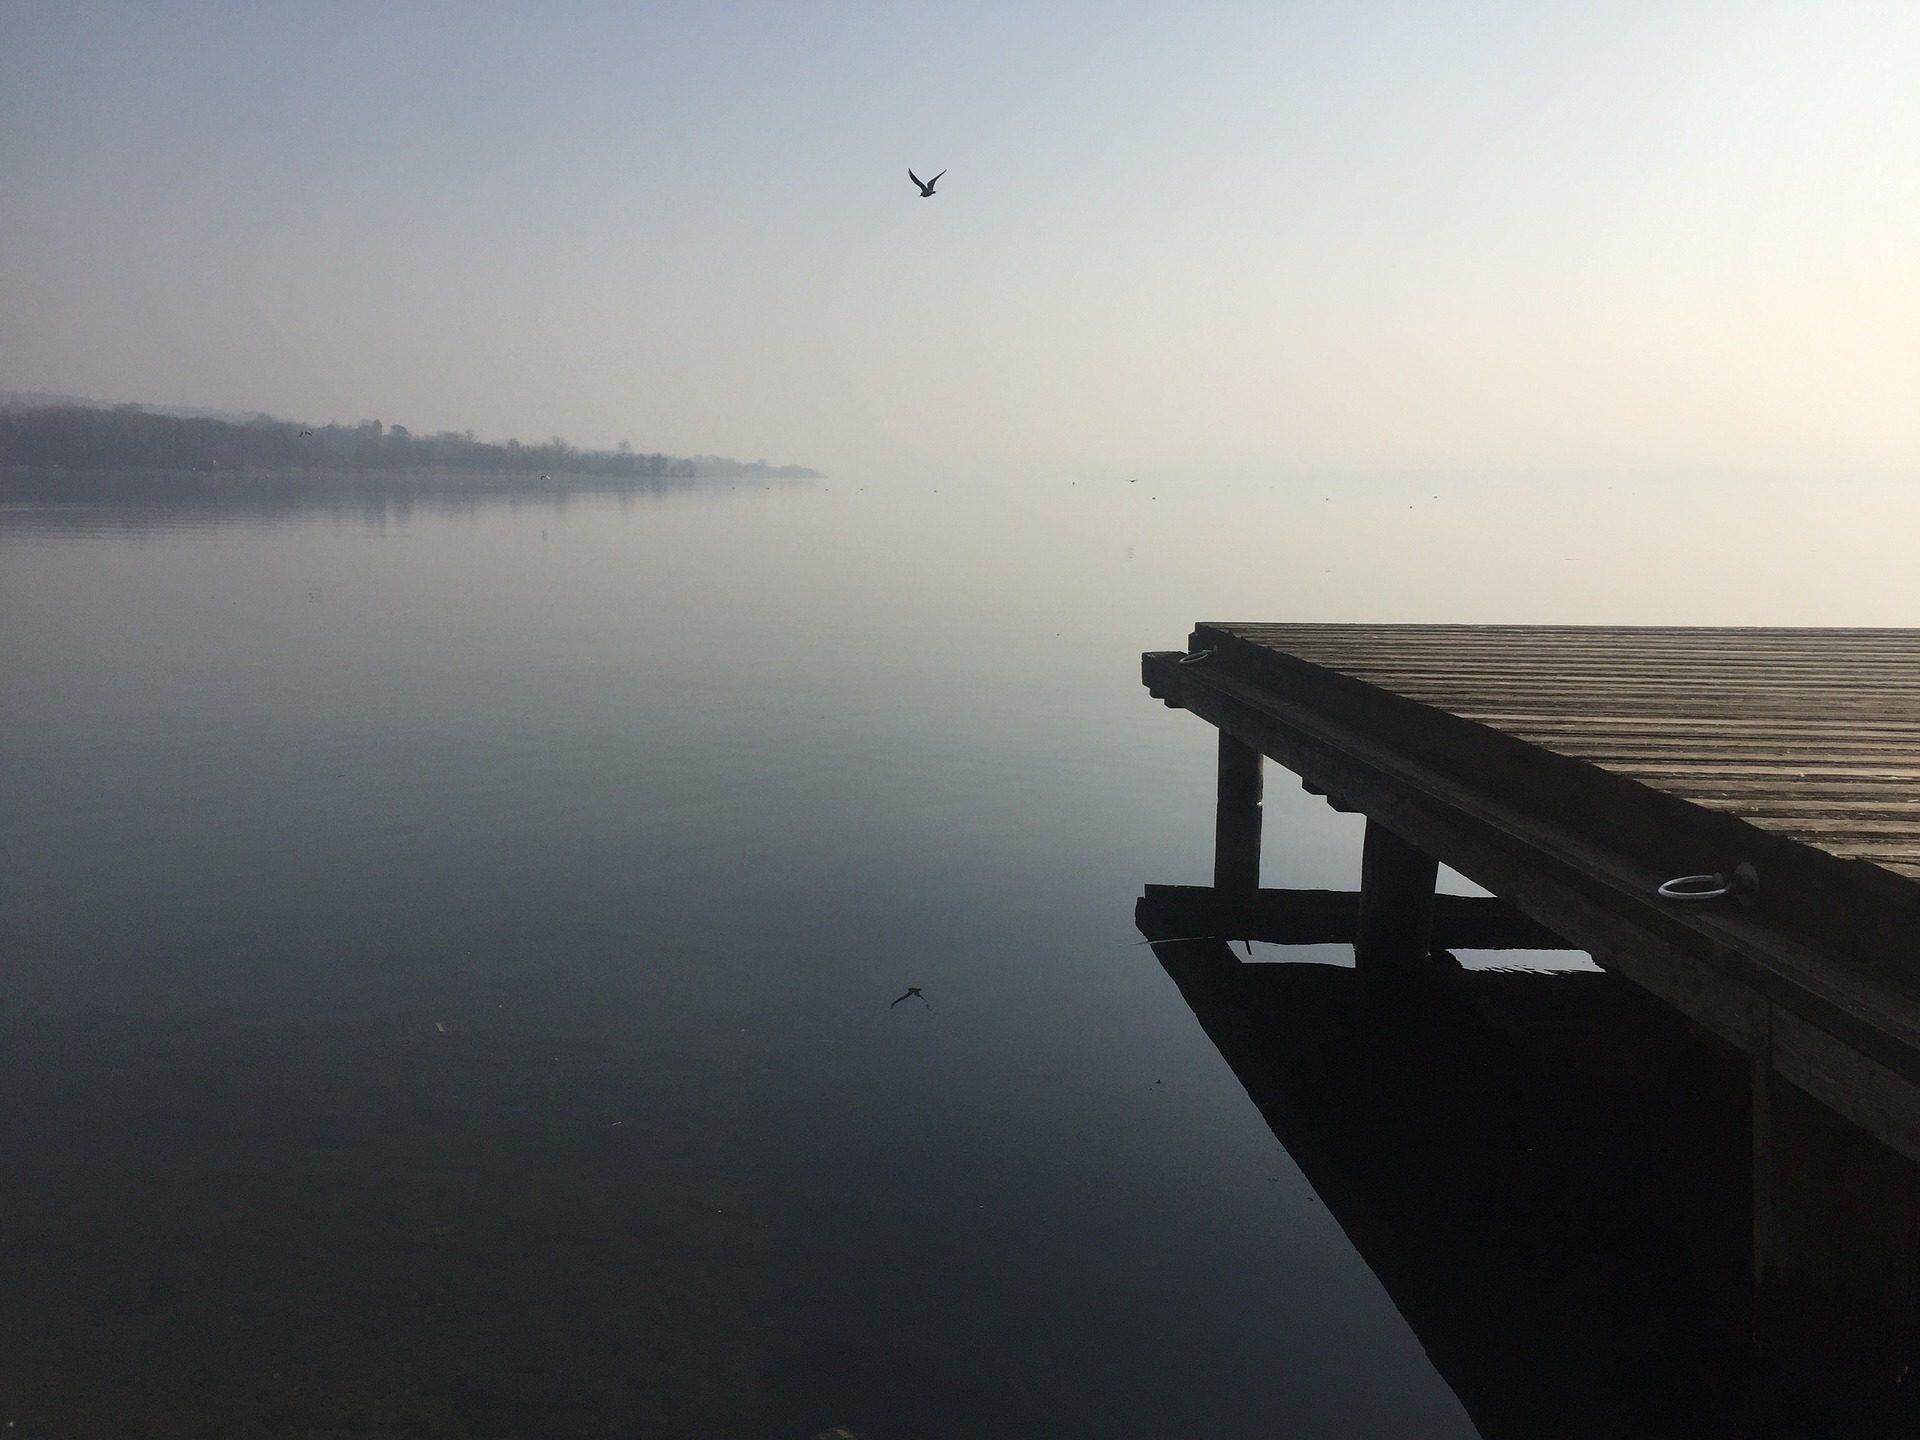 Lake, calme, Printemps, Embarcadero, Mouette, réflexion, brouillard - Fonds d'écran HD - Professor-falken.com